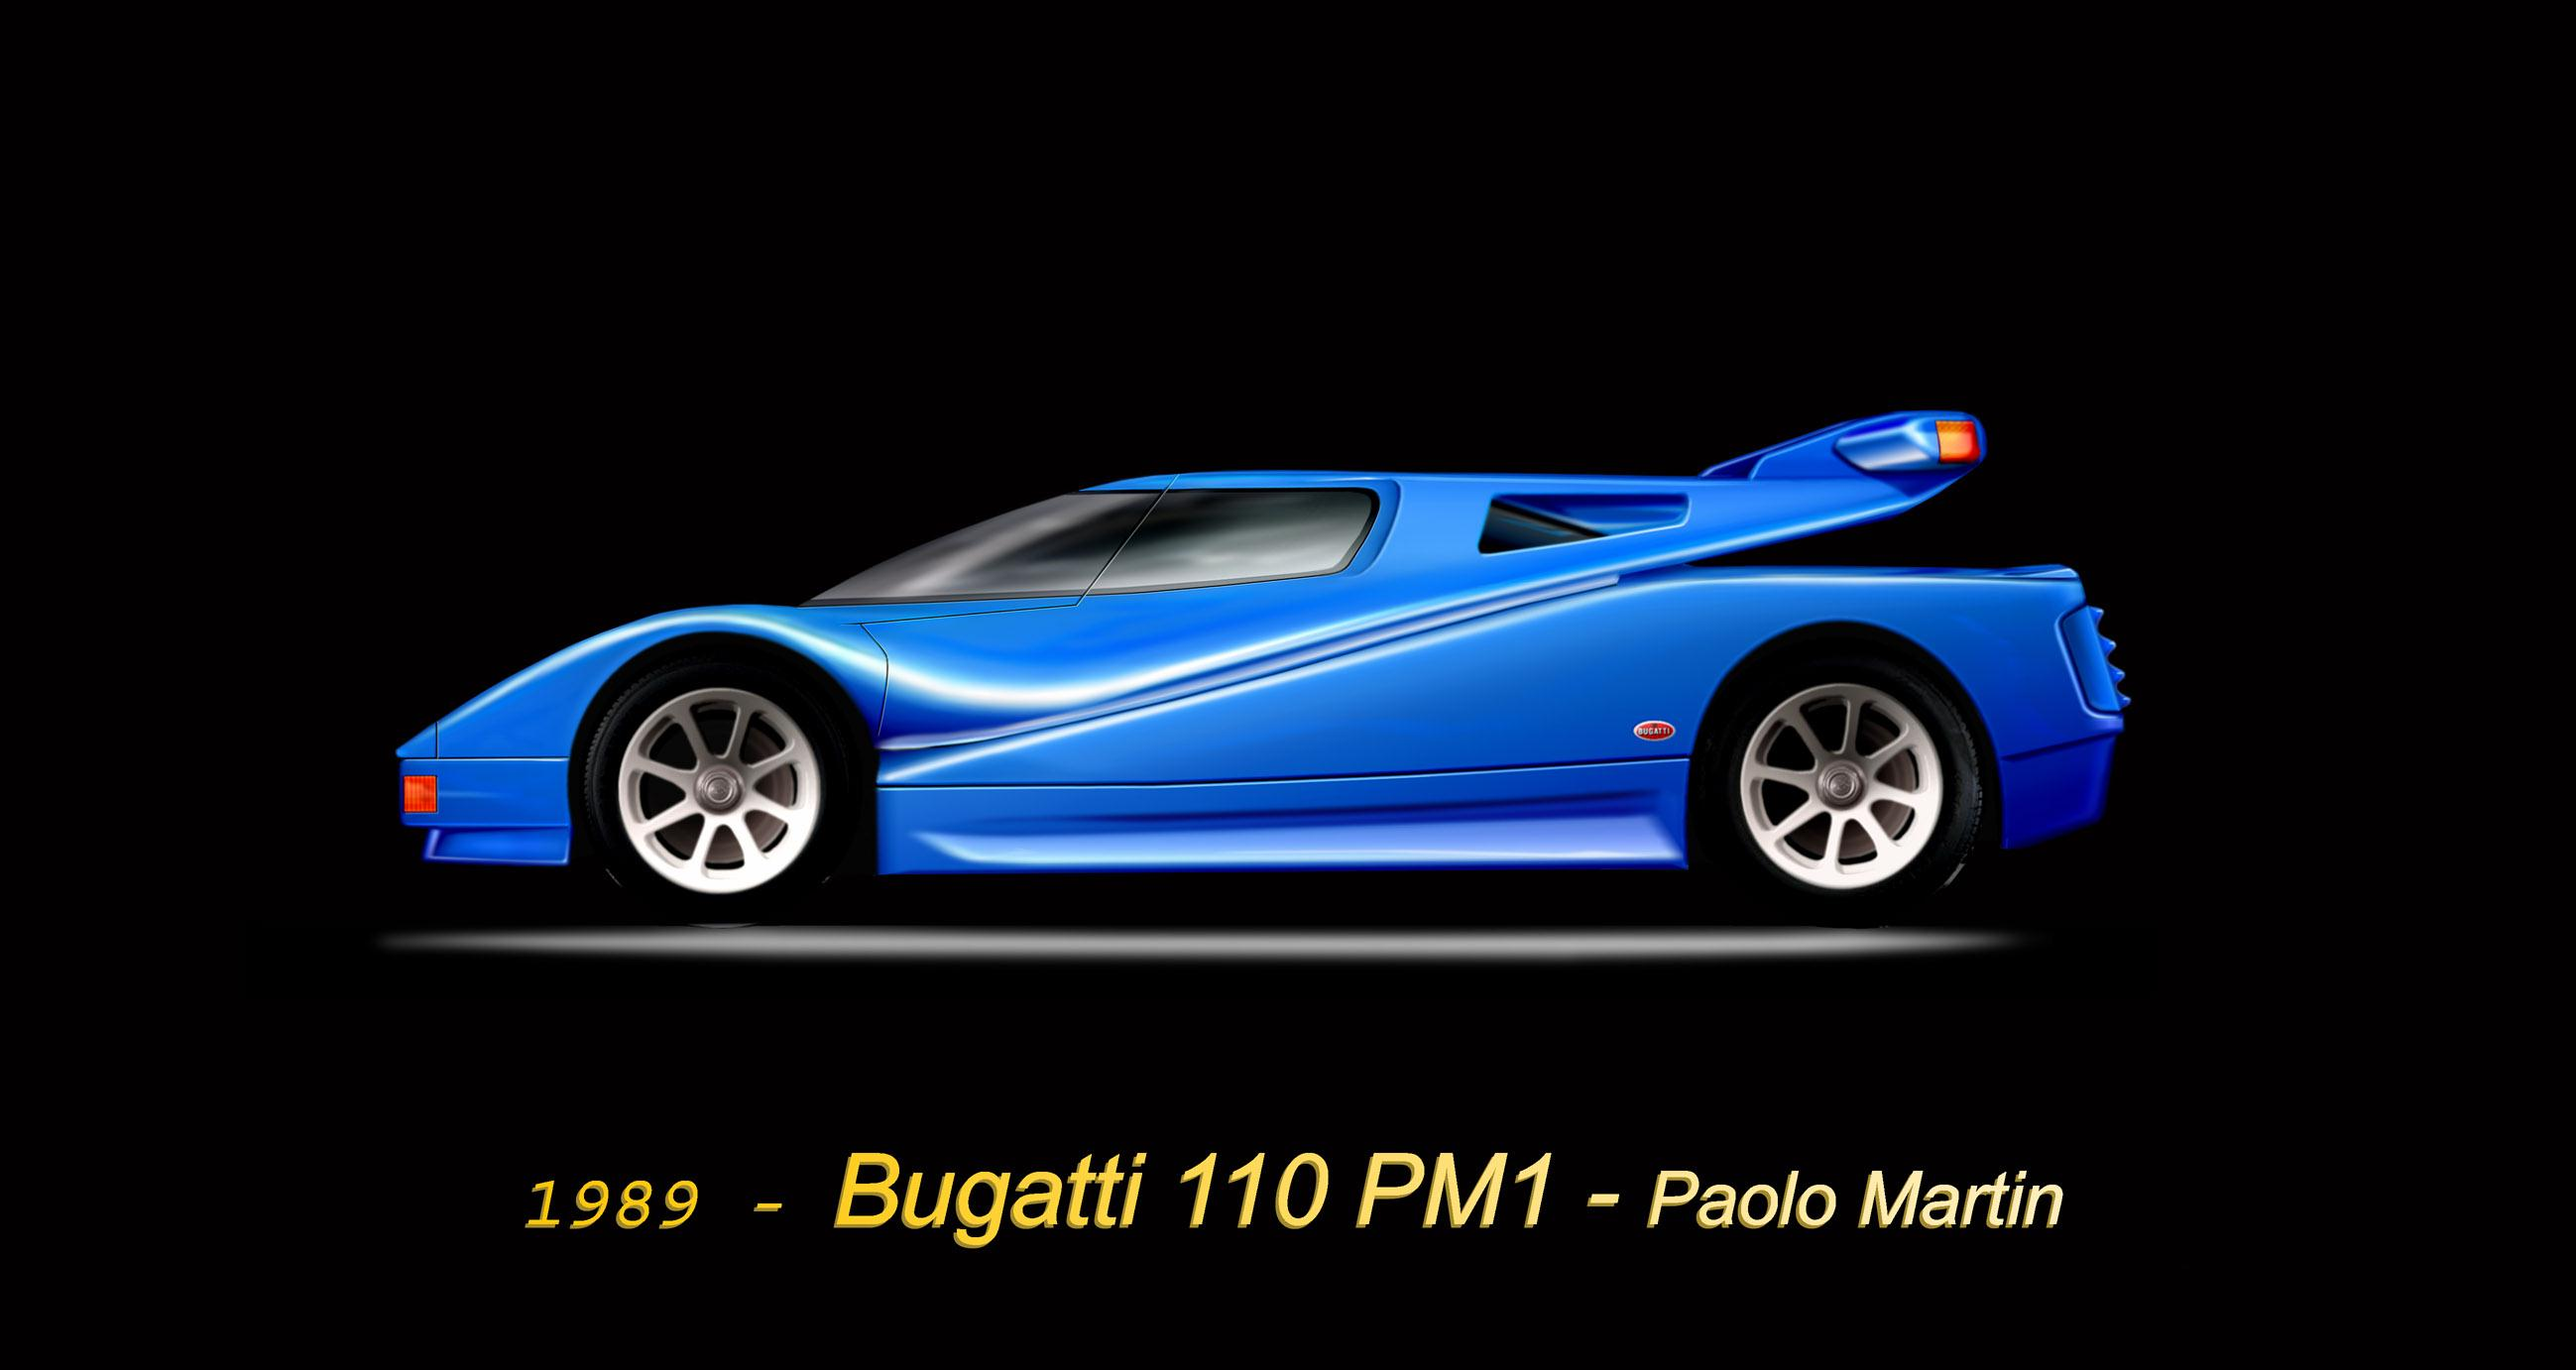 Figurino_Bugatti_PM1_1989.jpg